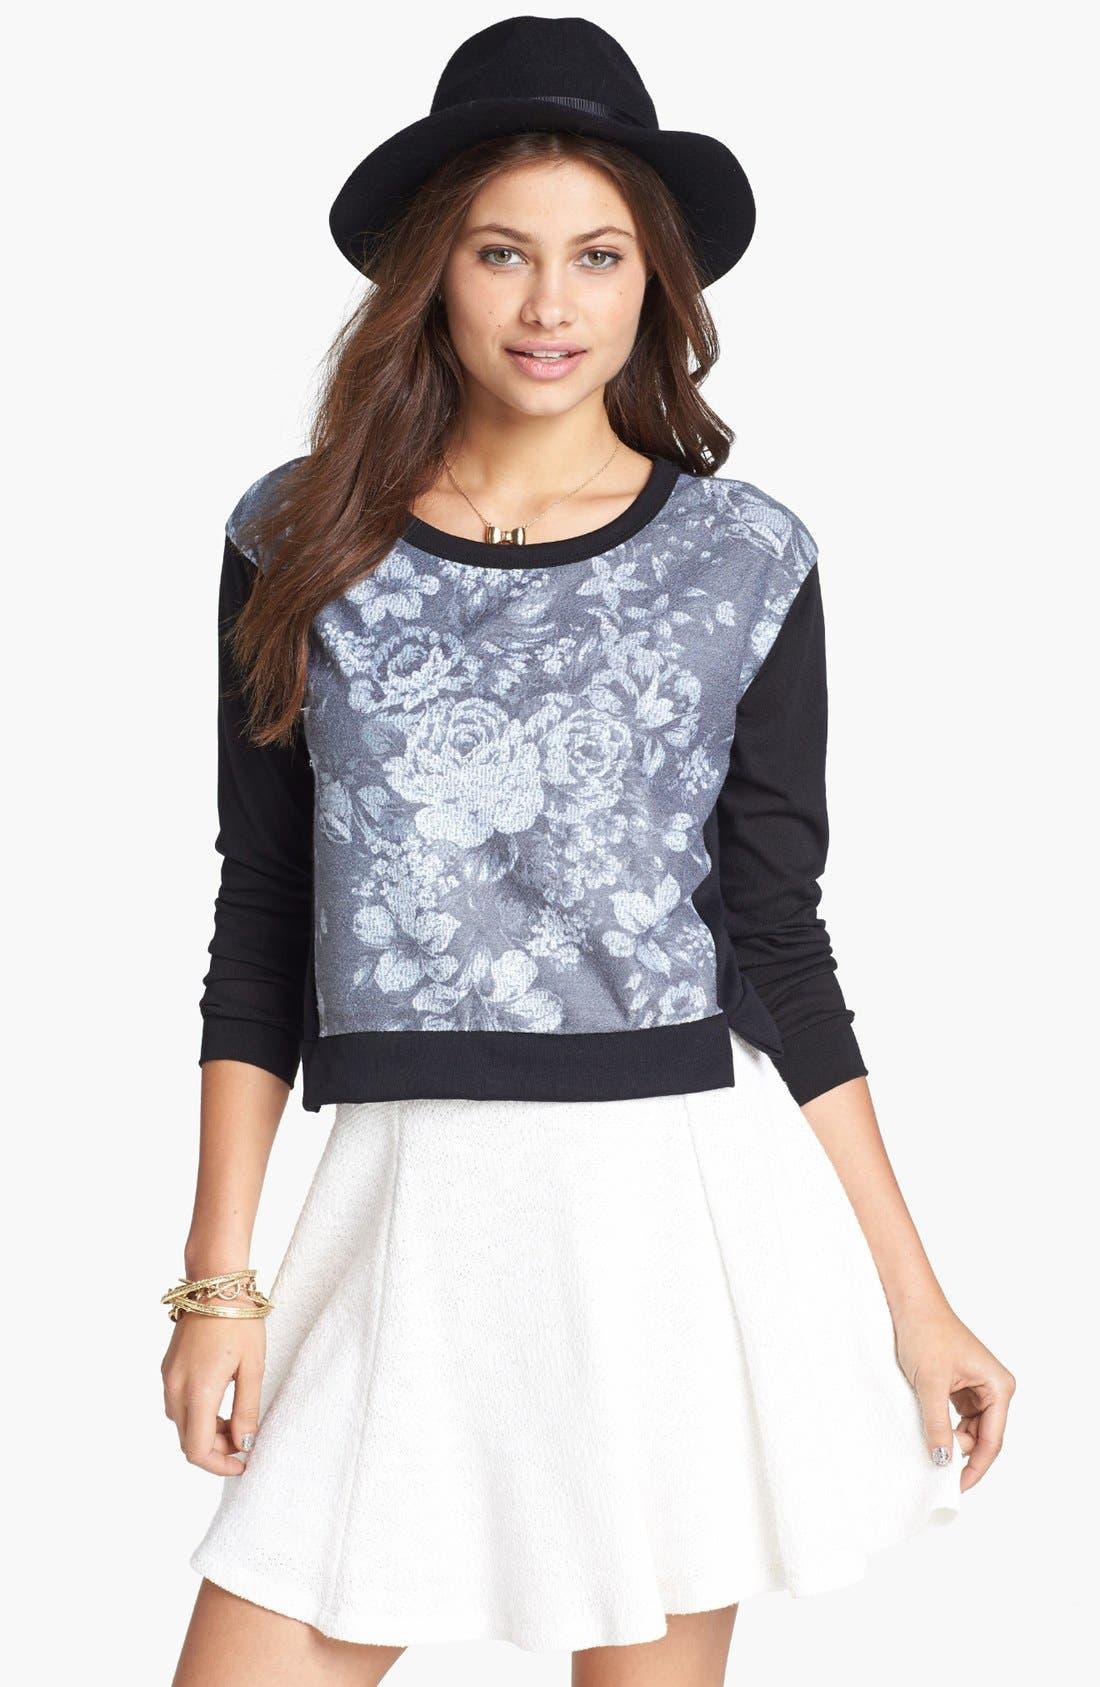 Alternate Image 1 Selected - h.i.p. Floral Print Sweatshirt (Juniors)